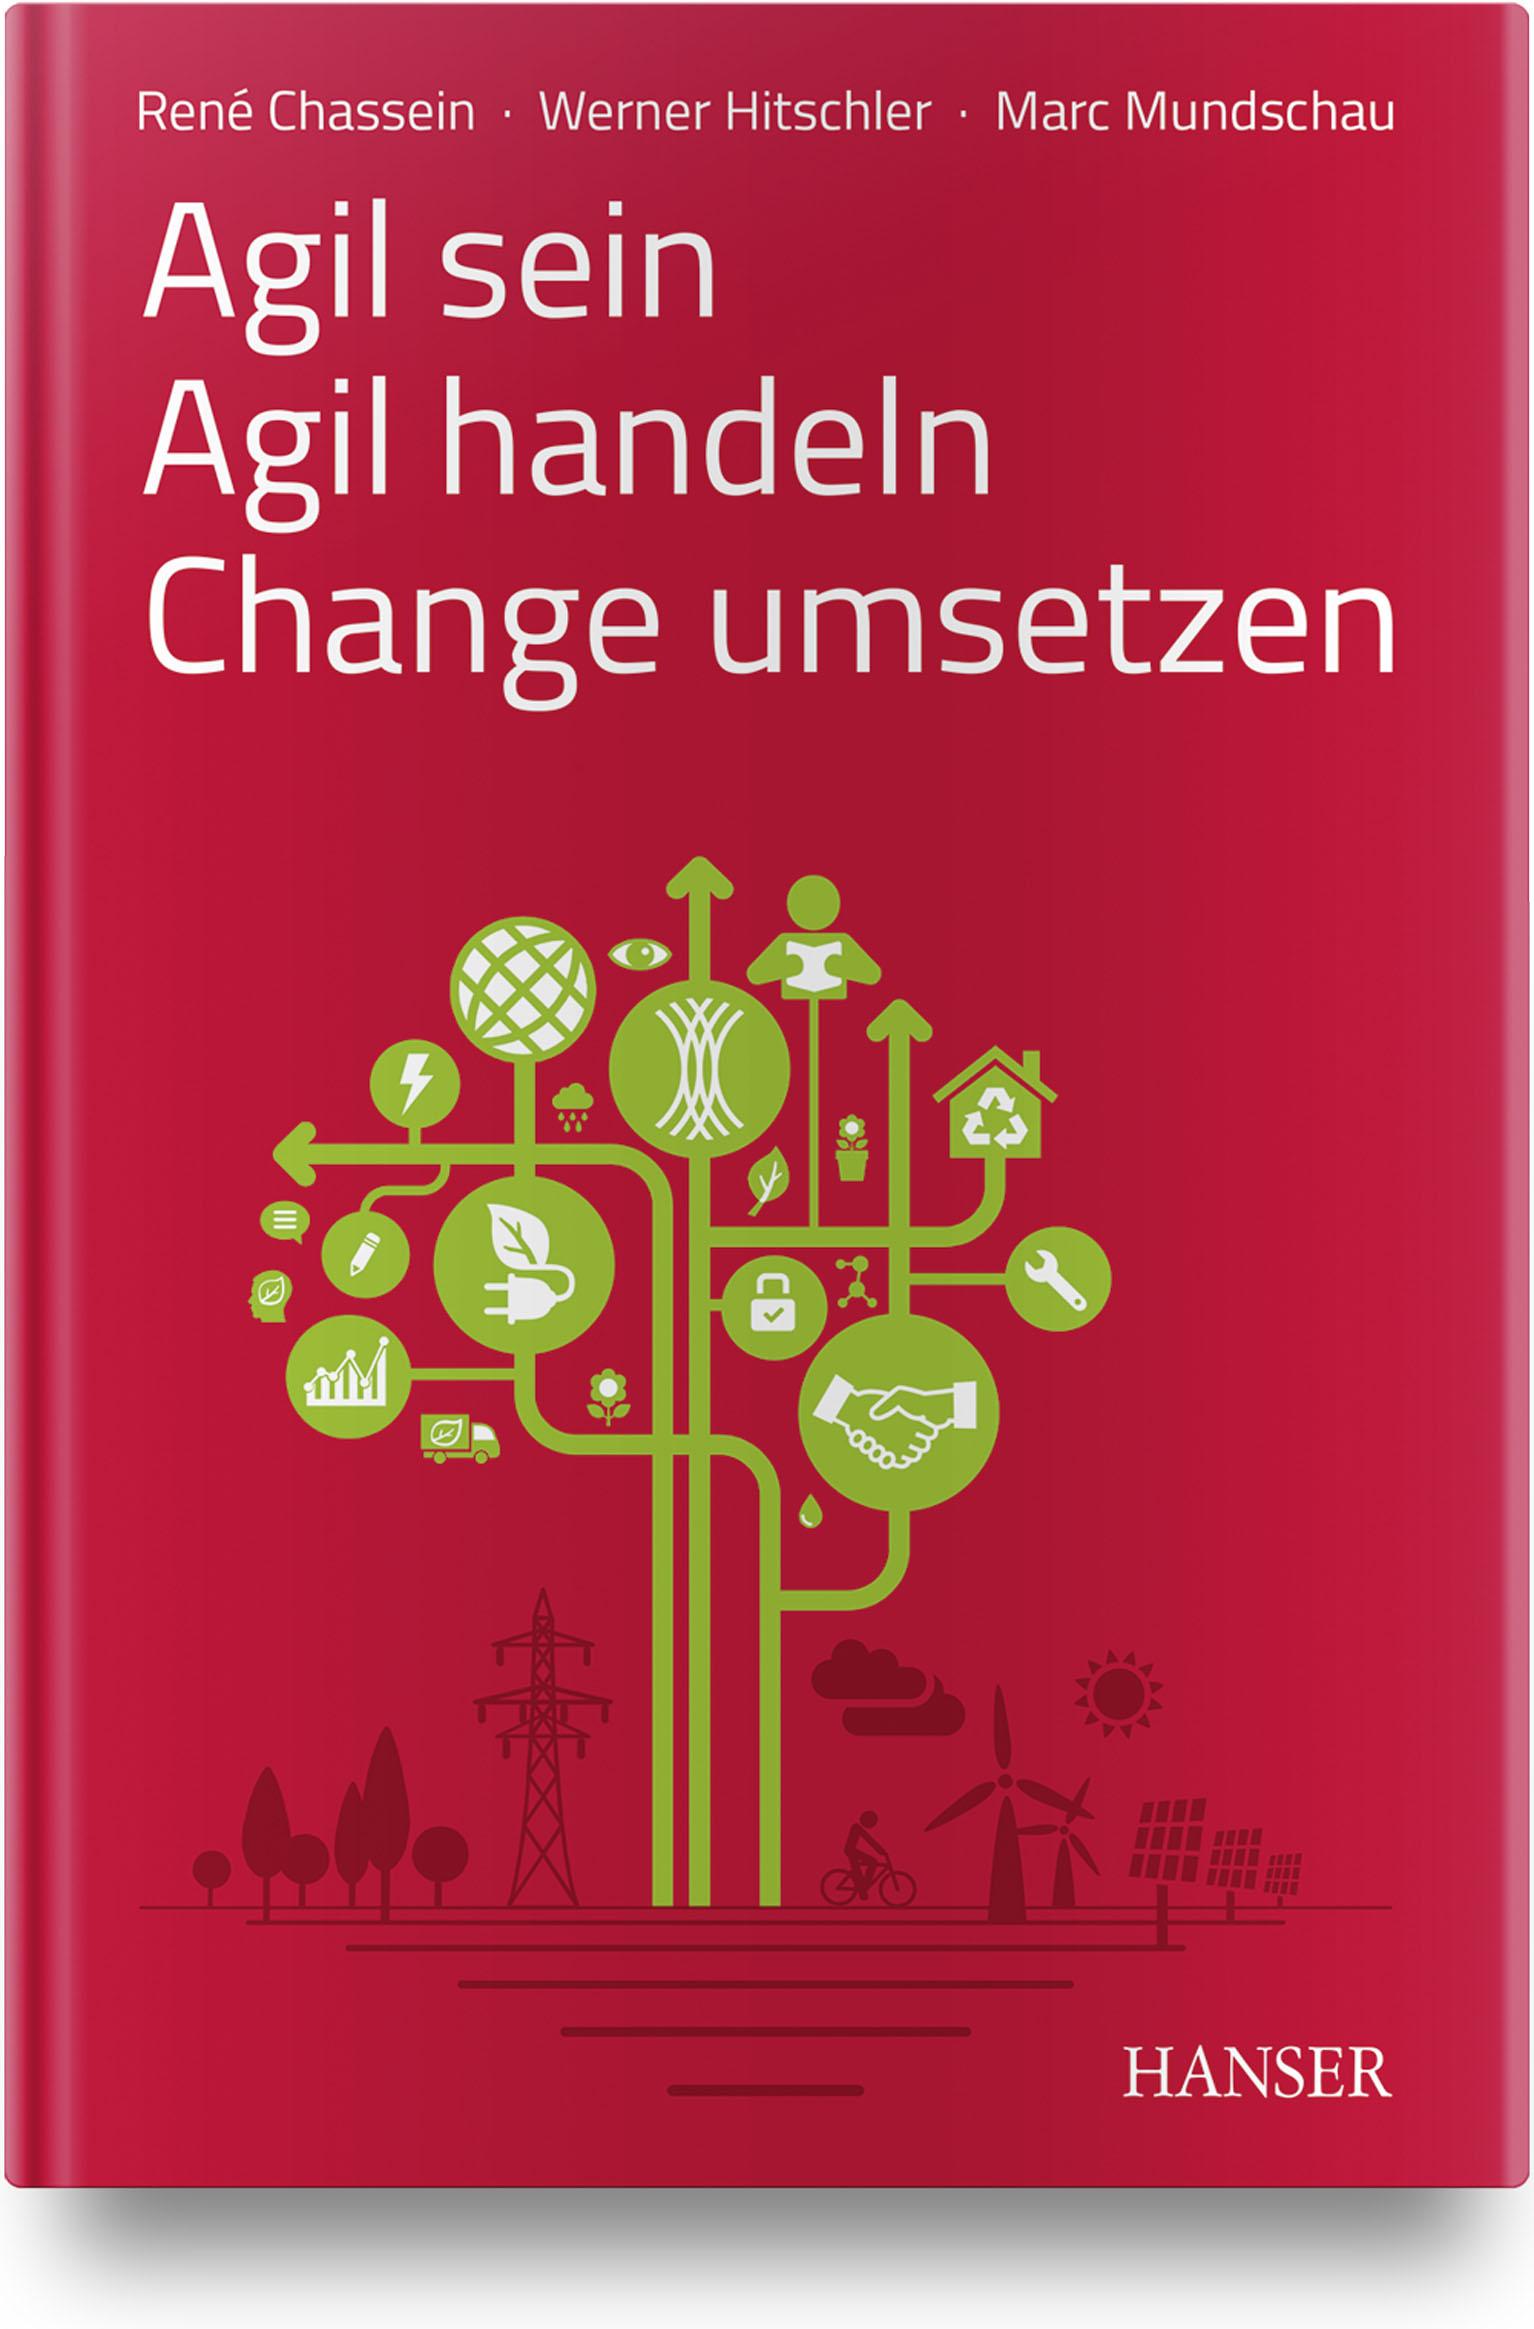 Chassein, Hitschler, Mundschau, Agil sein – Agil handeln – Change umsetzen, 978-3-446-45939-7